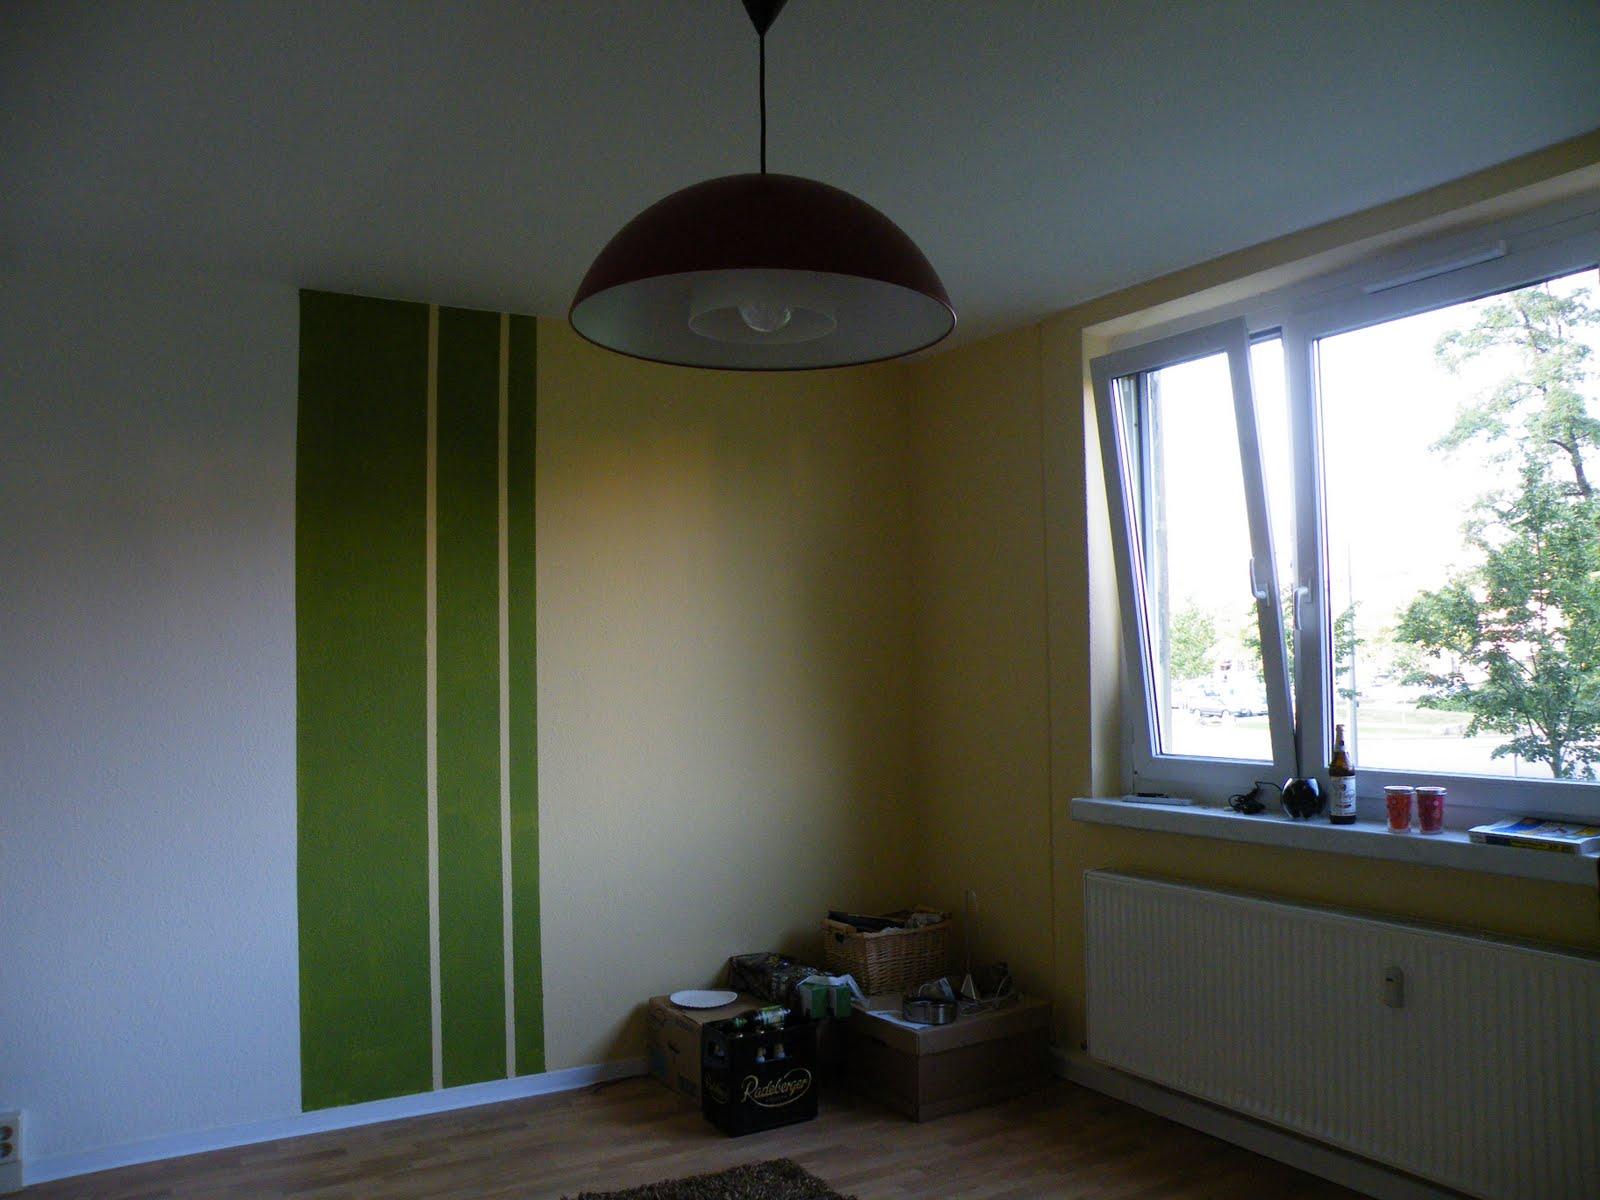 Wohnzimmer bilder zum malen - Wohnzimmer malen ...